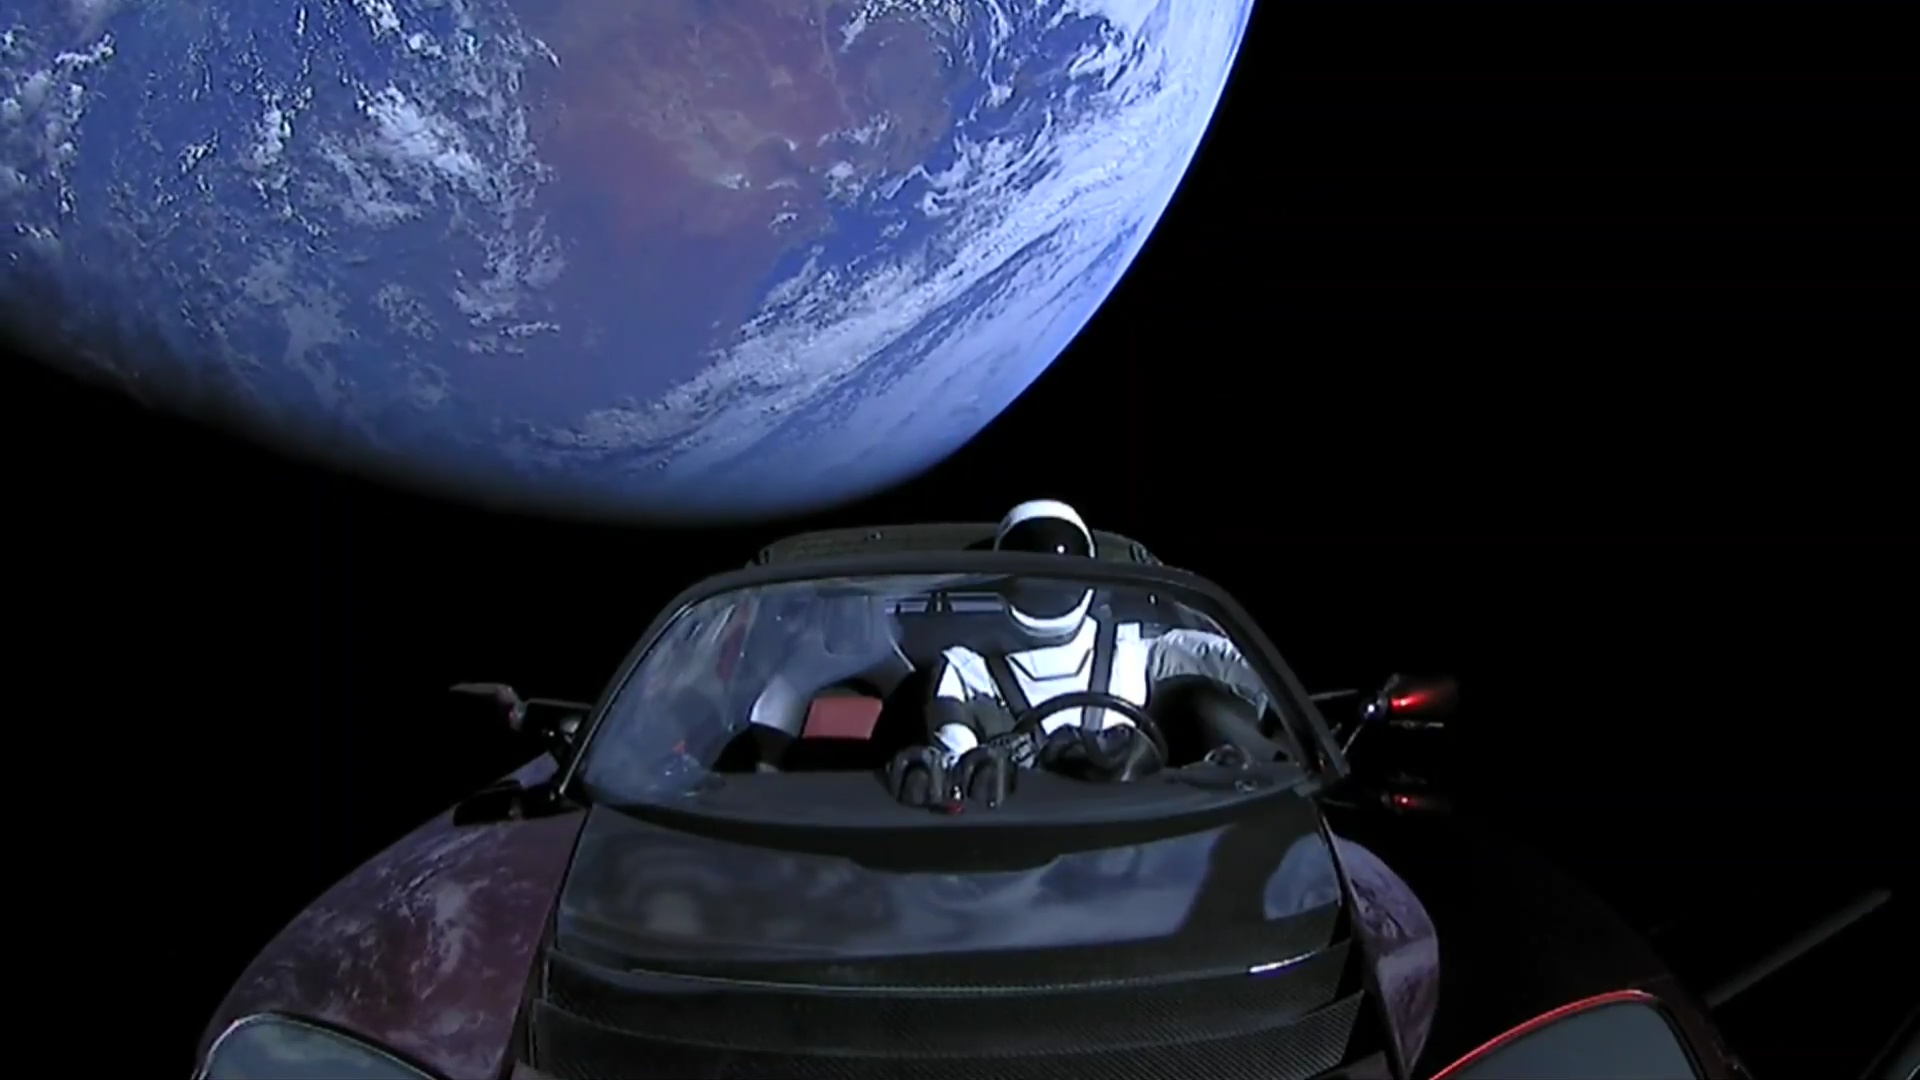 Elon Musk, Marsa göndereceği arabasının fotoğraflarını paylaştı